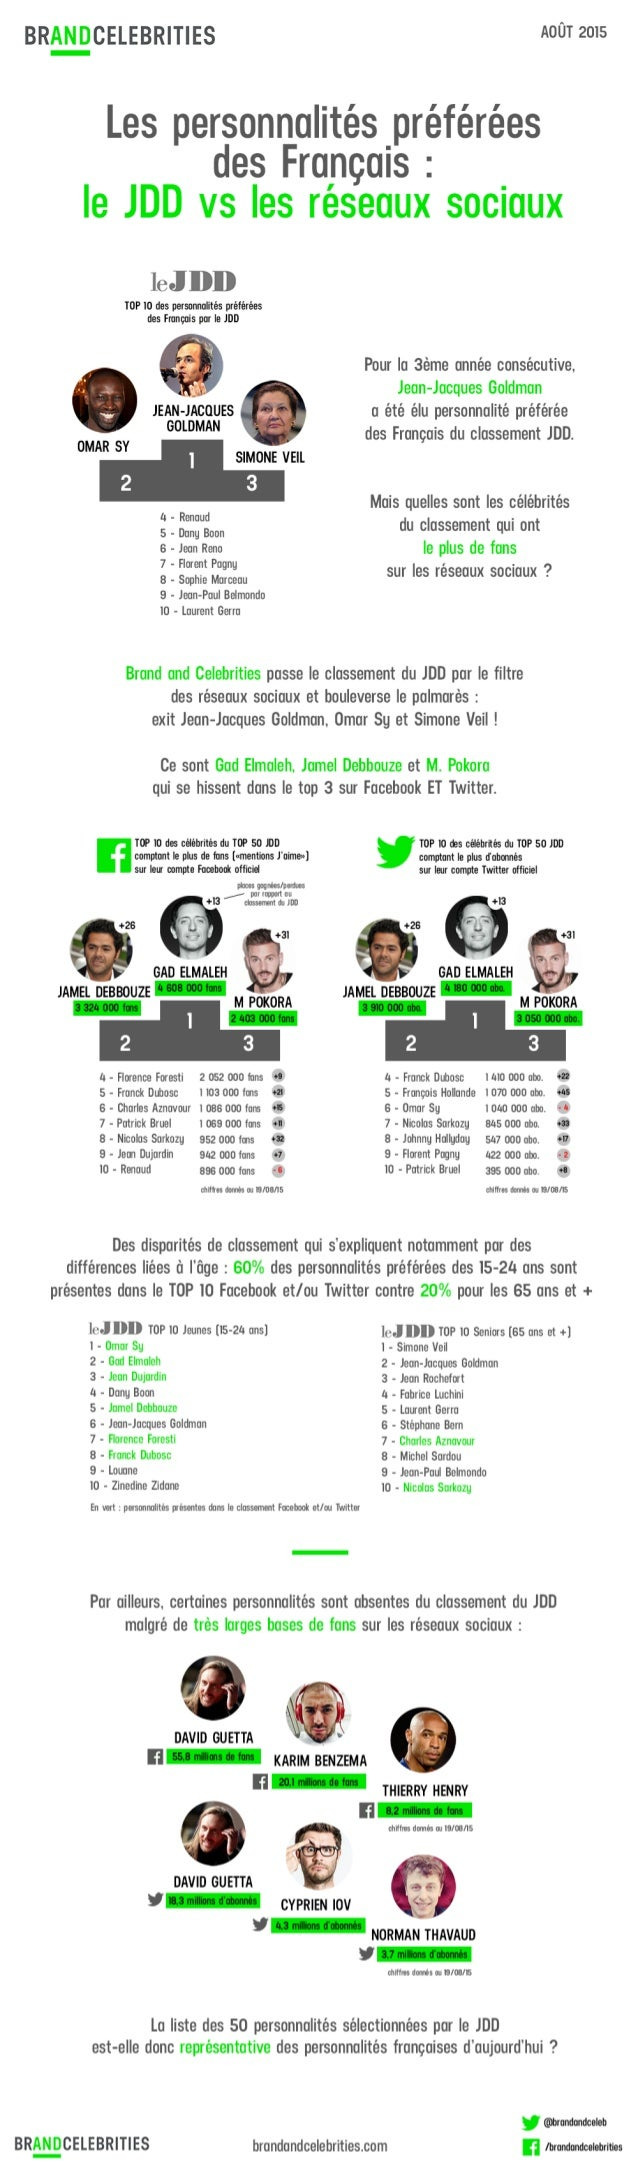 Infographie - Personnalités préférées des Français - Le JDD vs les réseaux sociaux